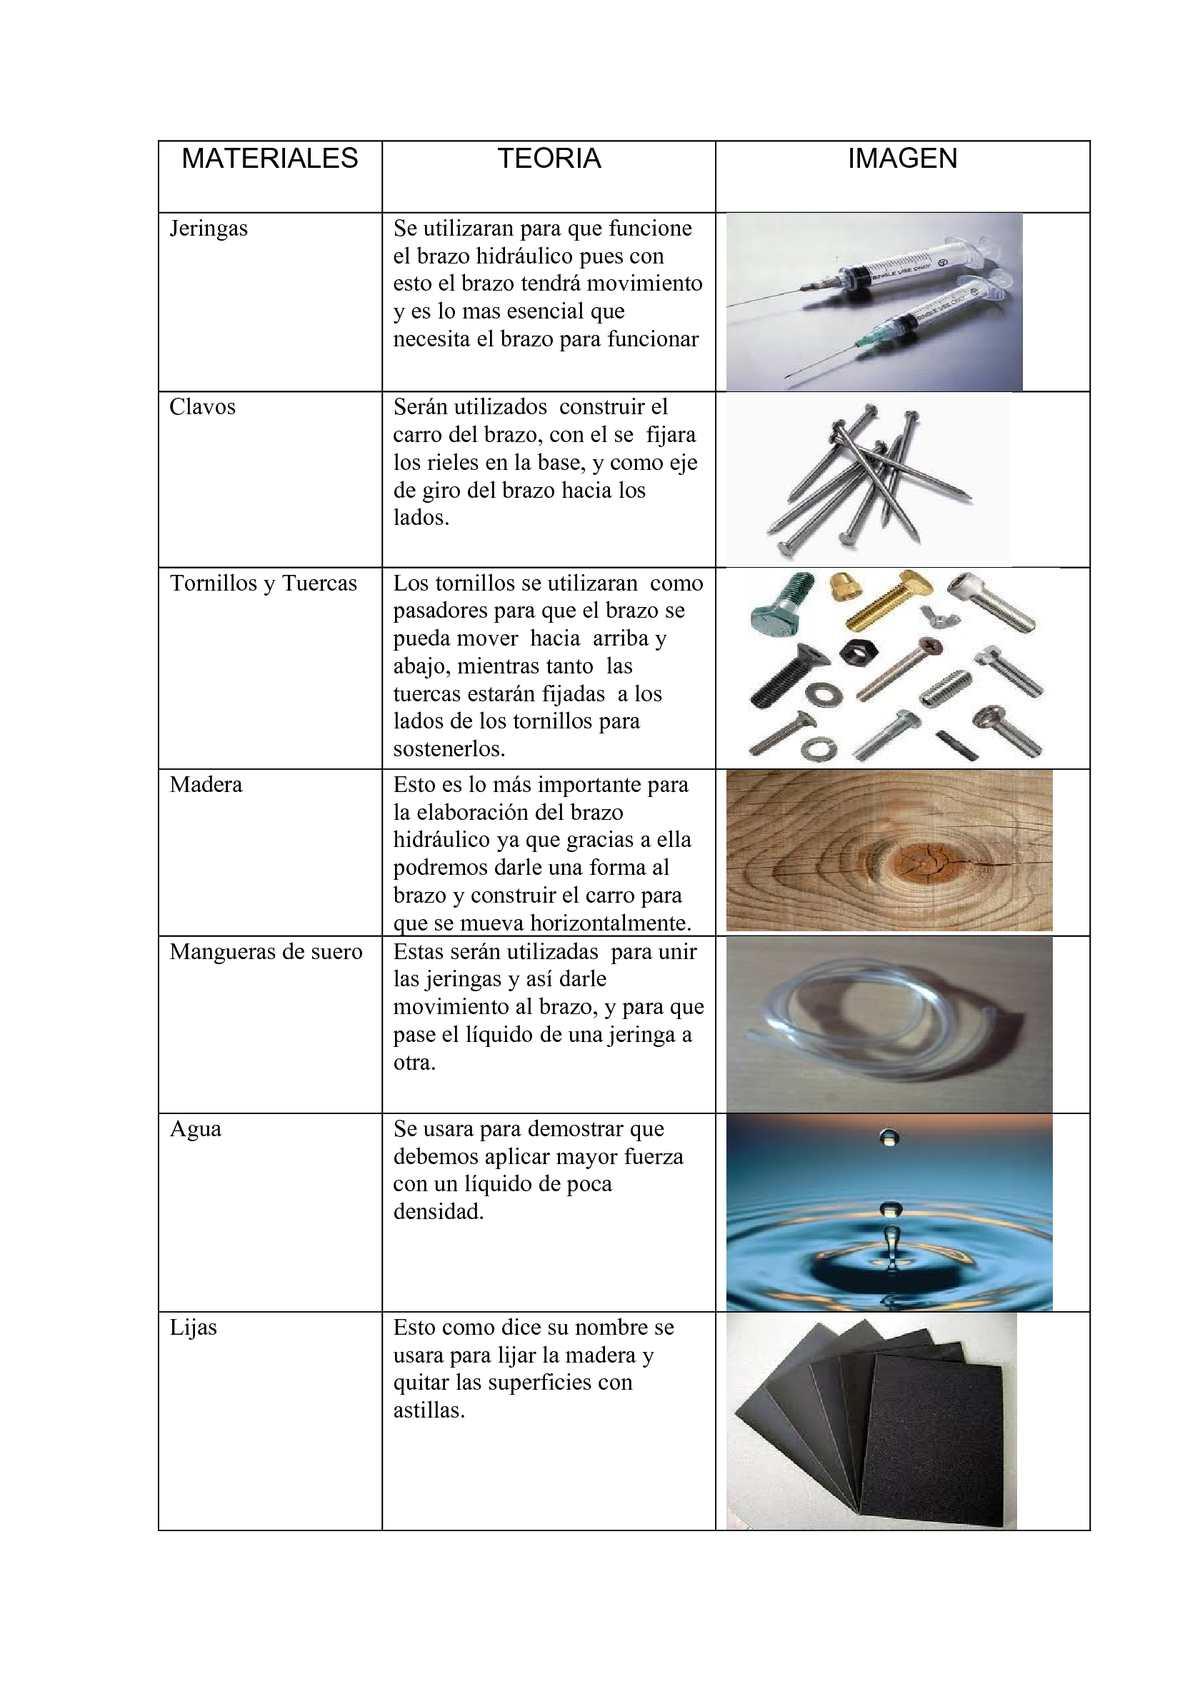 Calam o materiales para elboracion de brazo hidraulico for Materiales para un vivero forestal